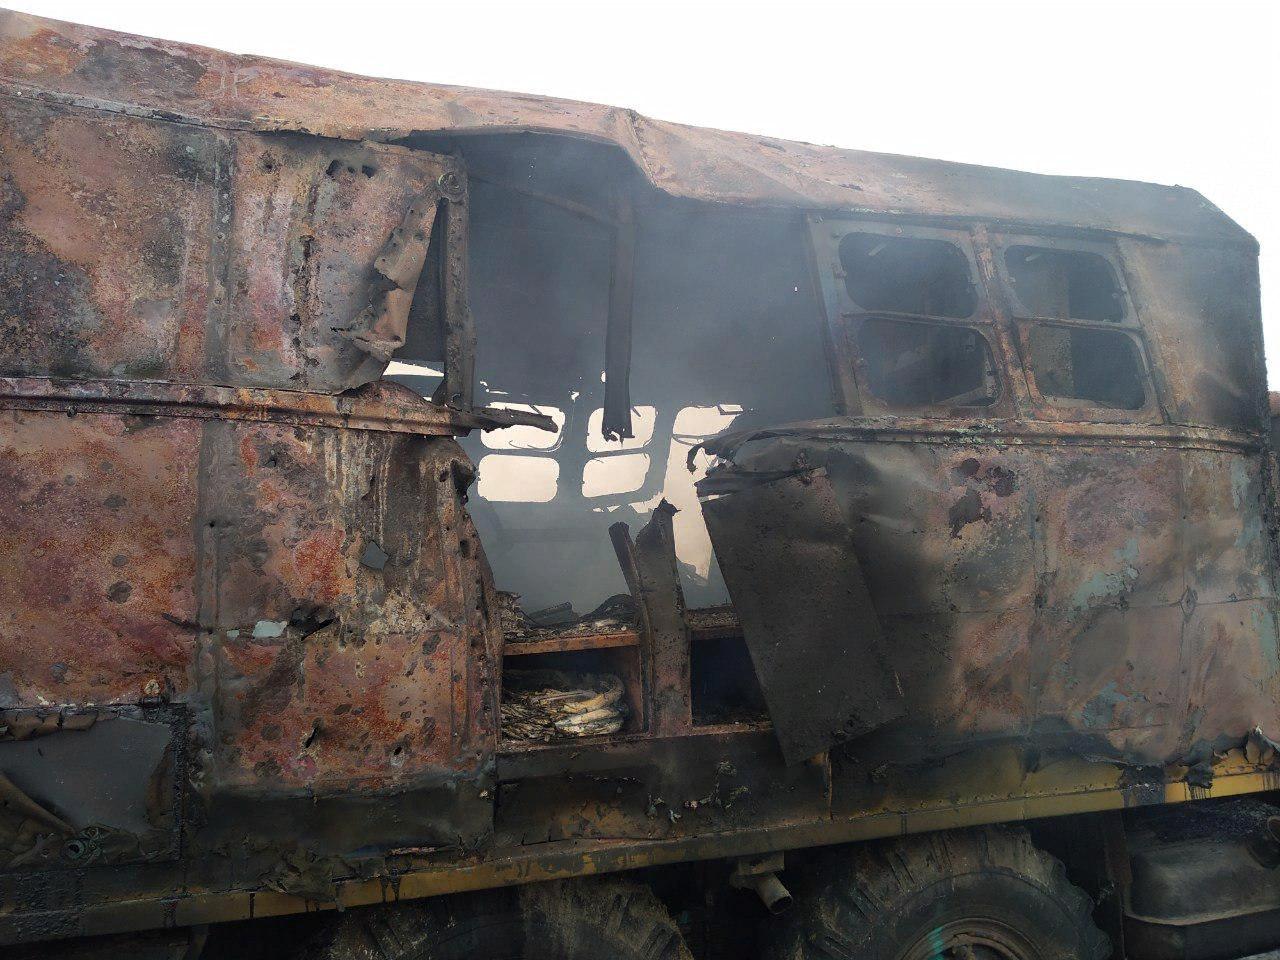 Видео с места обстрела автомашиныКП «Вода Донбасса». Ранения получили три человека